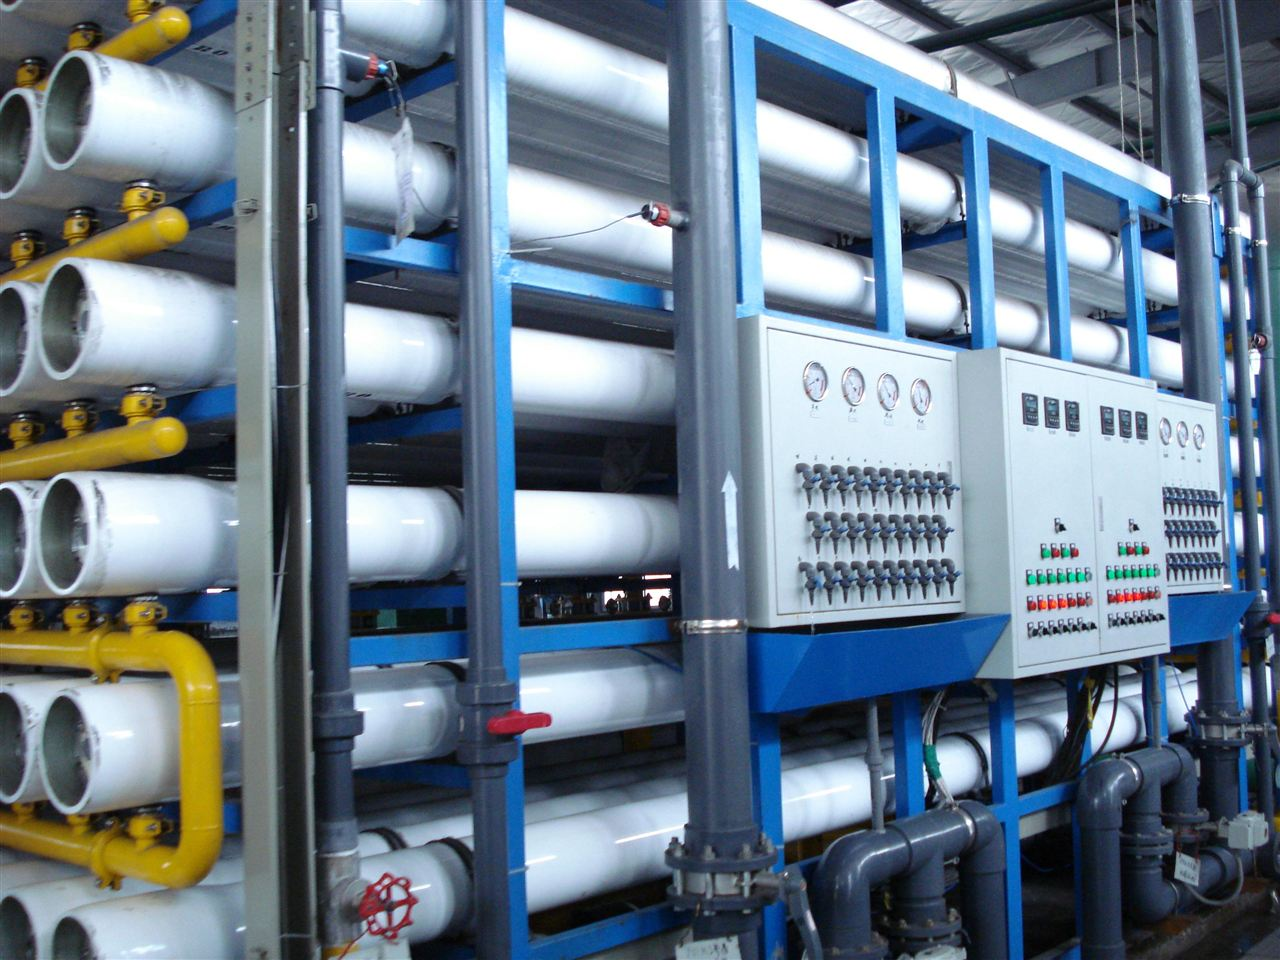 近日,青岛双瑞海洋环境工程有限公司锐丰源除盐水项目的第一